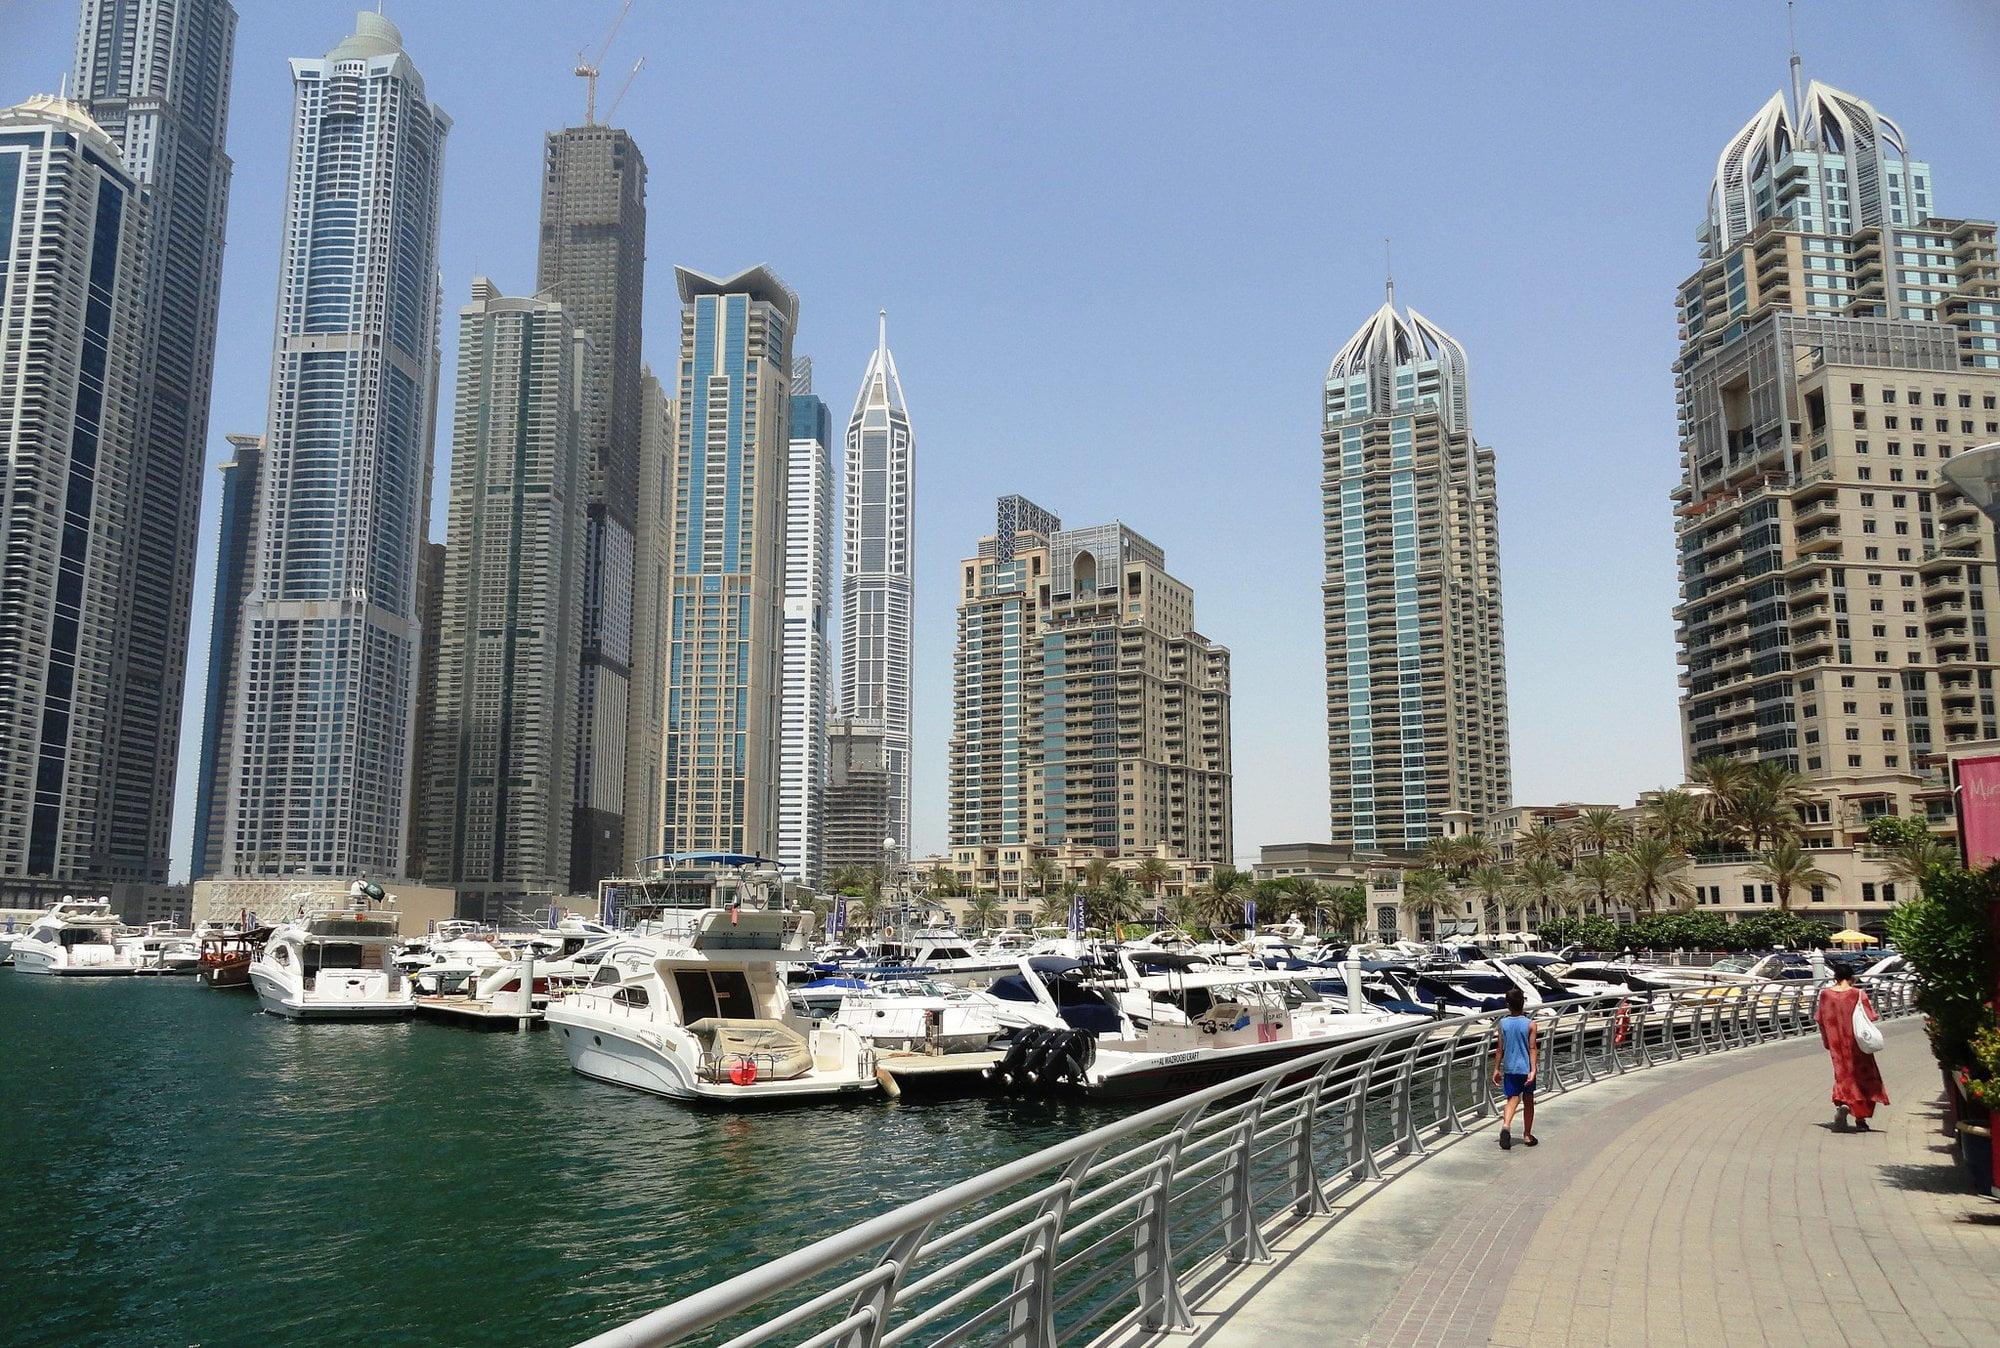 Vivre à Dubaï Marina : Les avantages ainsi que les éléments à prendre en compte